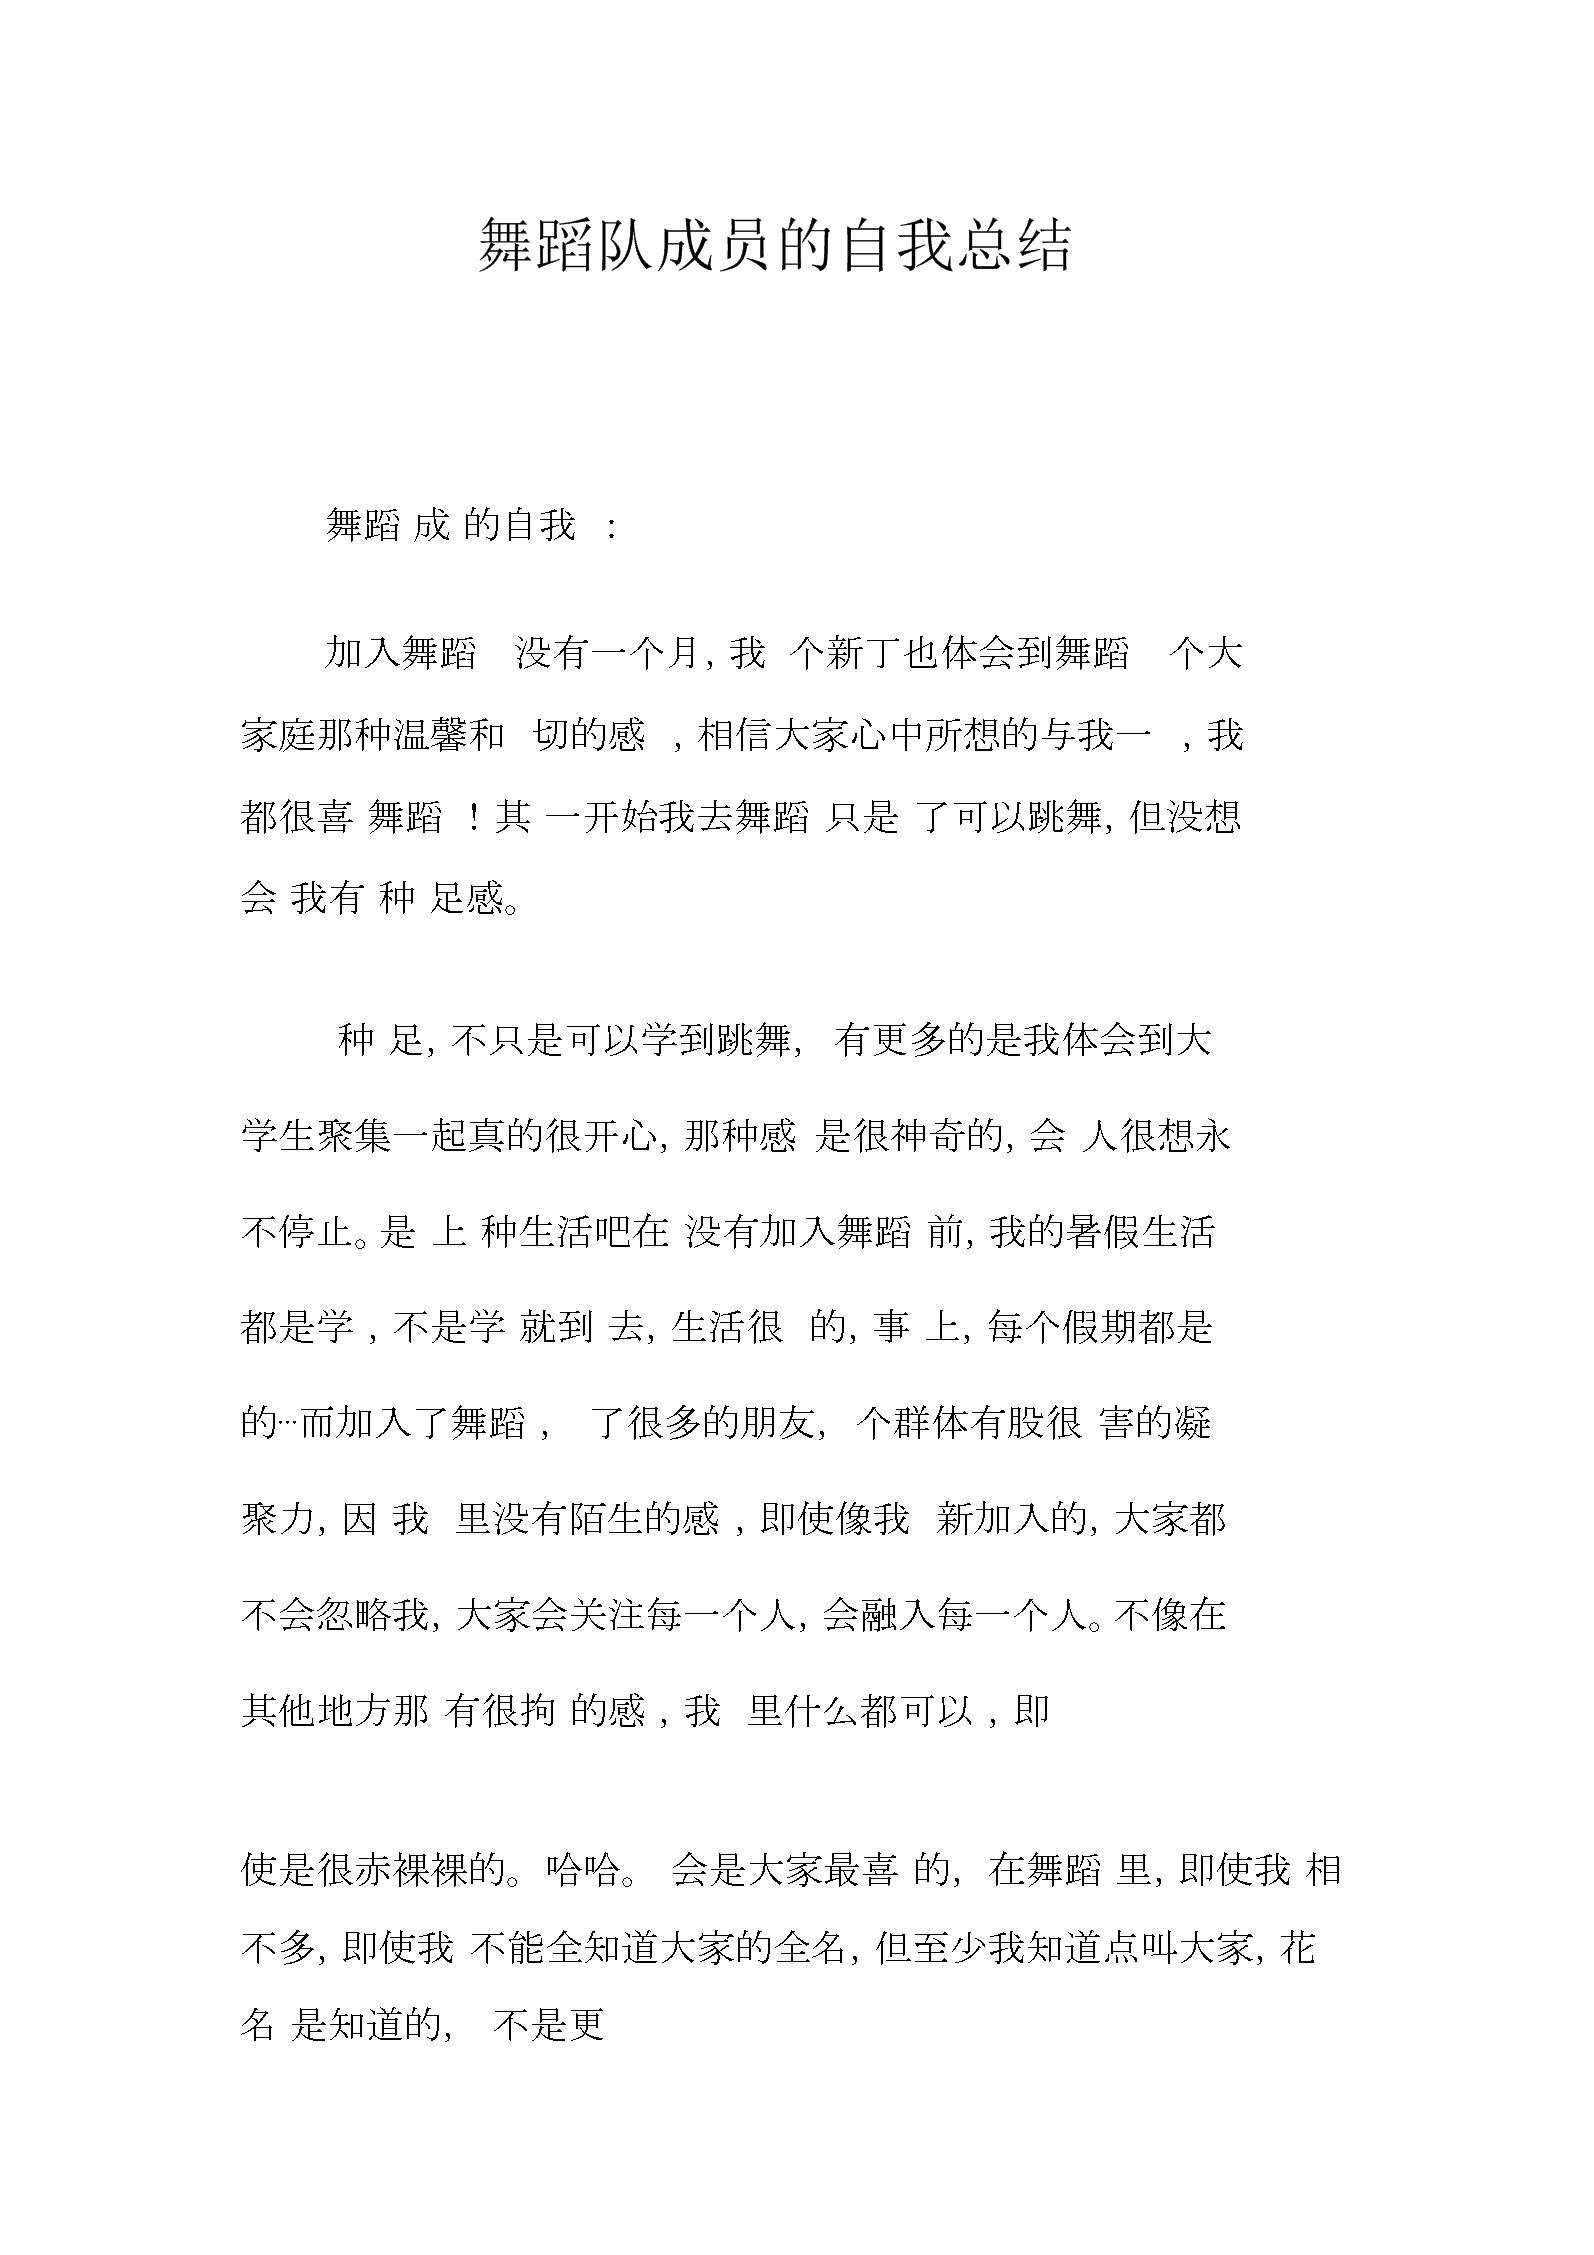 舞蹈队成员的自我总结计划.docx